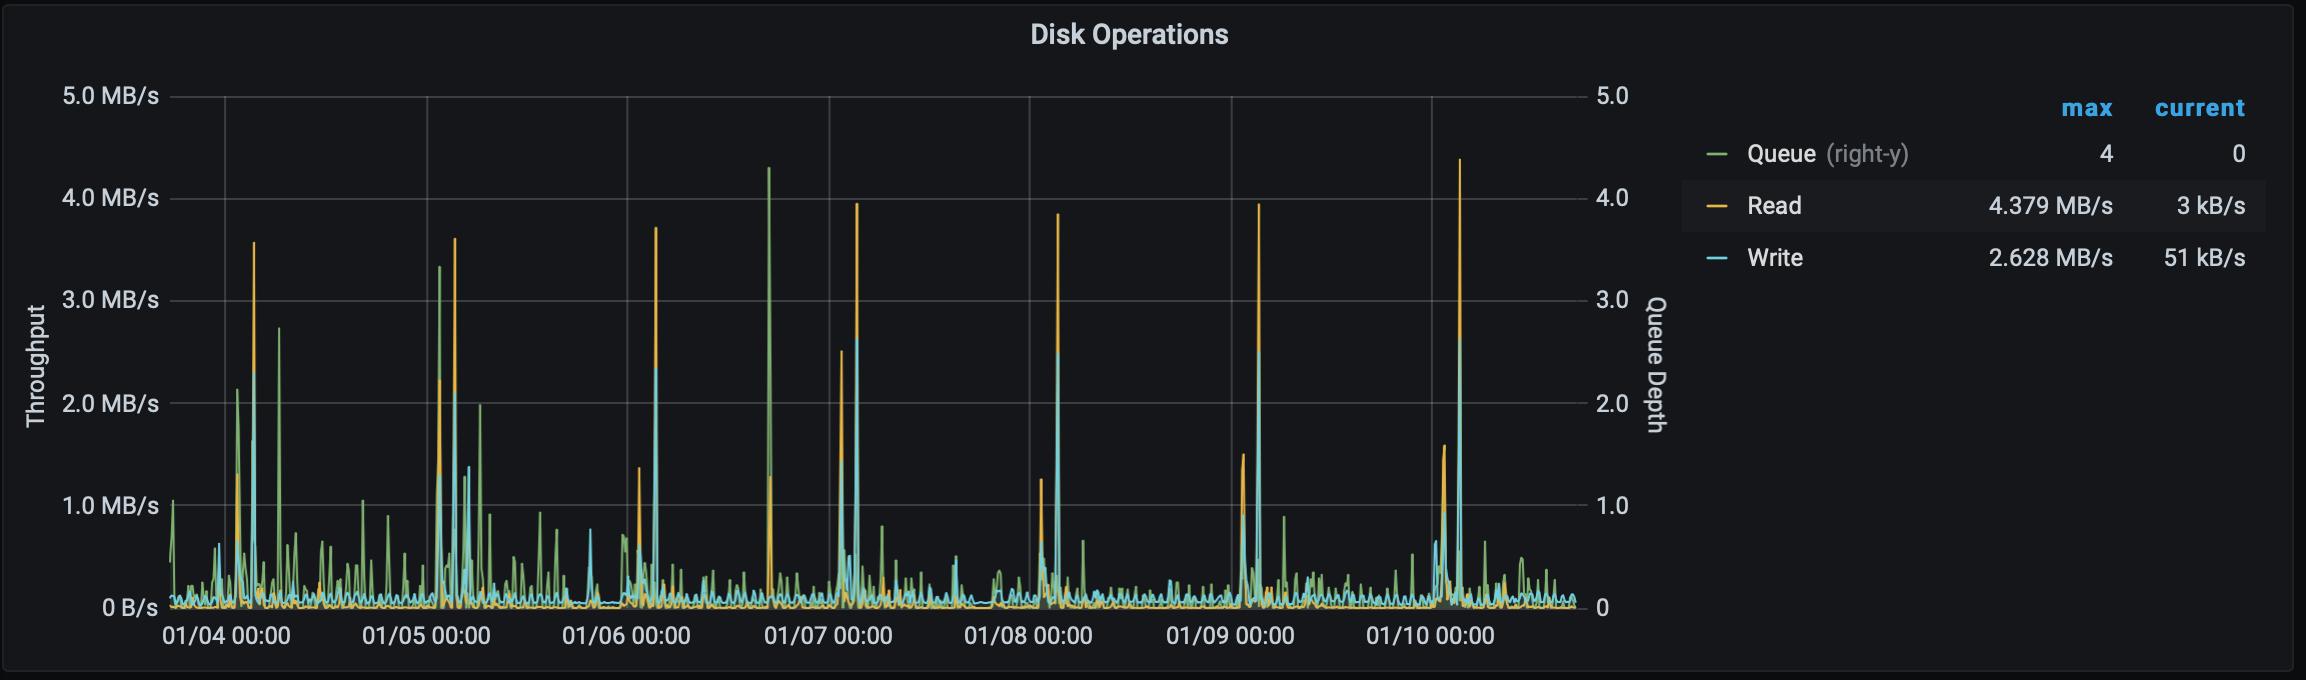 Tardis disk throughput vs queue depth